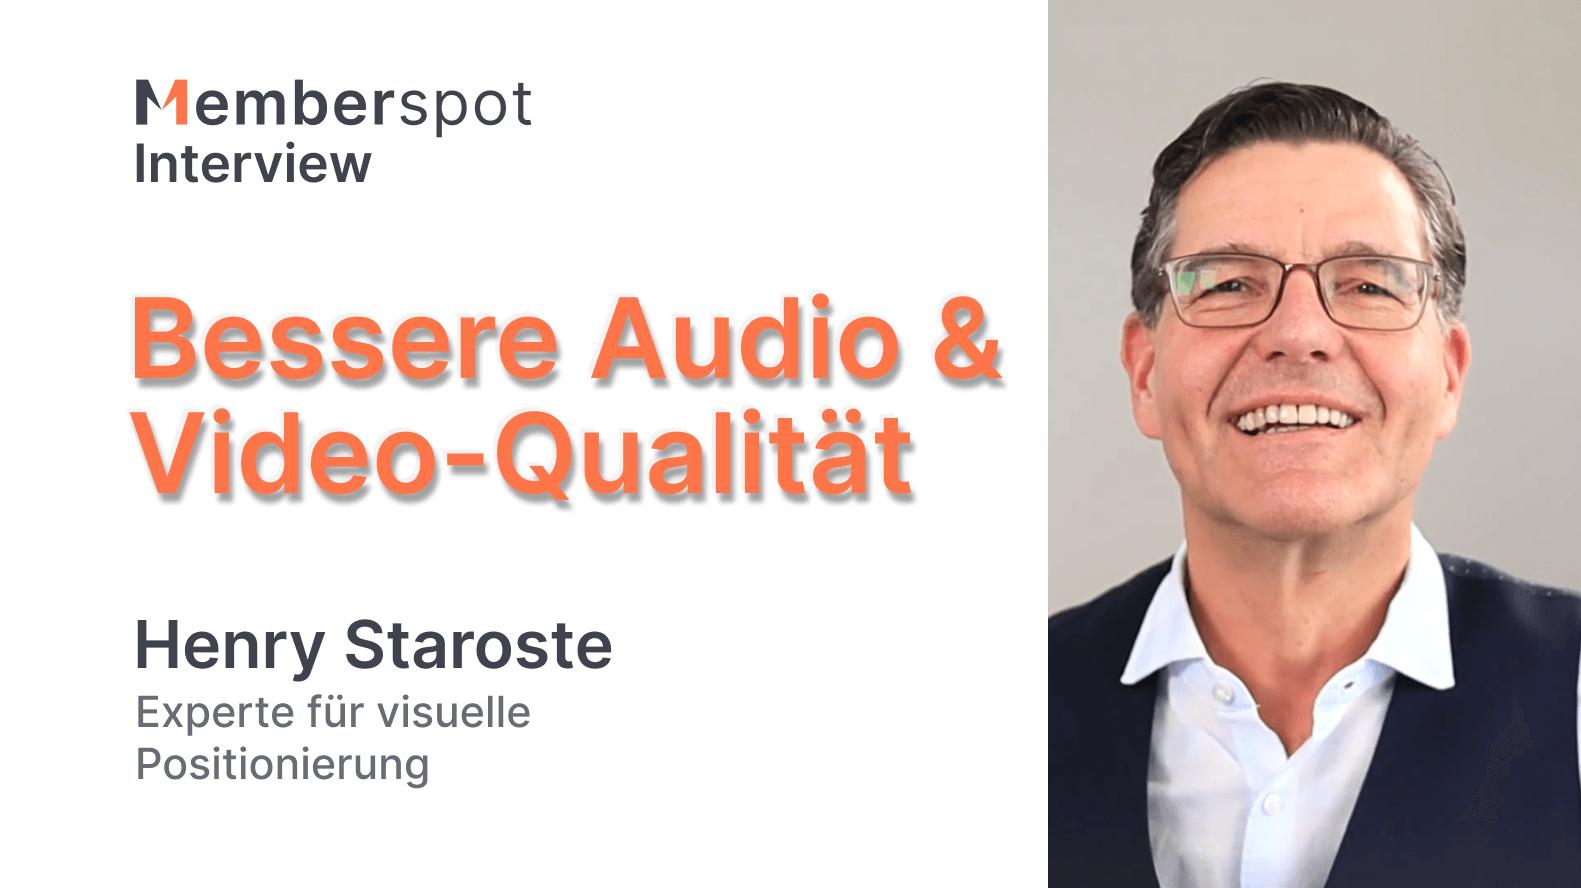 Bessere Audio & Video-Qualität im Online-Kurs und Online-Meetings? Henry Staroste zeigt wie es geht